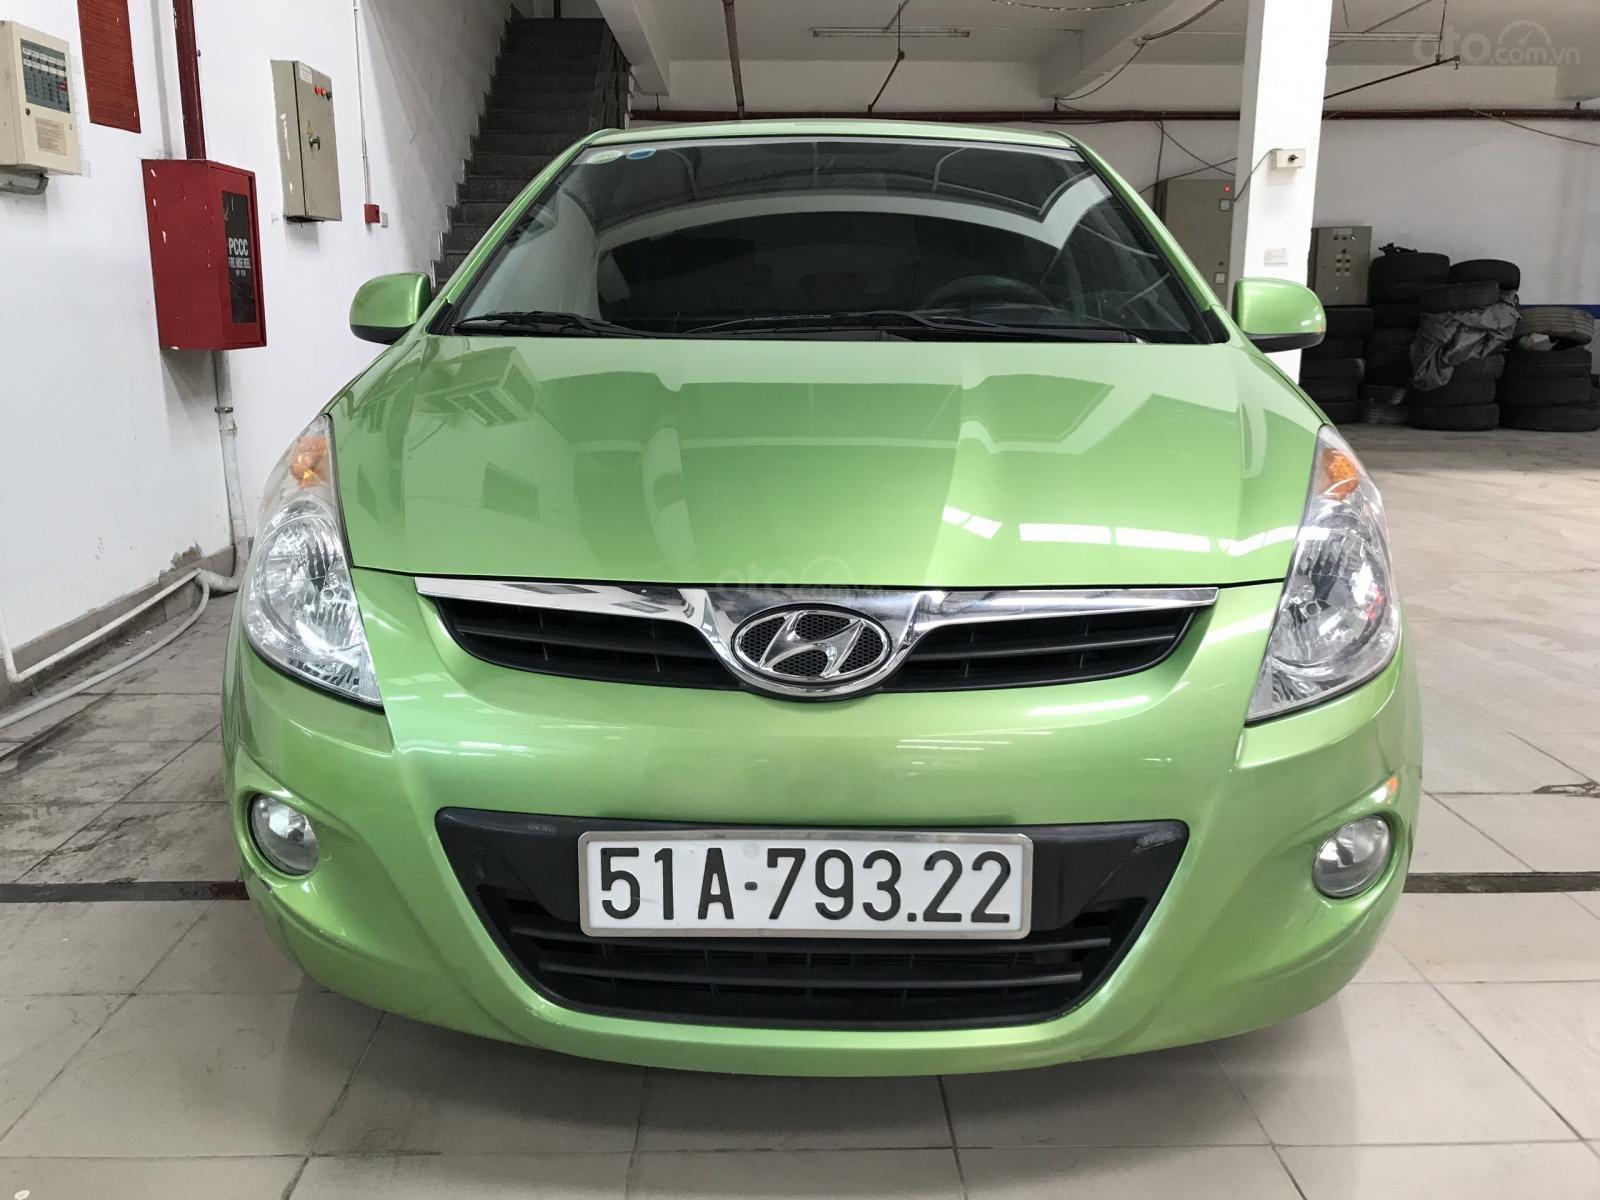 Bán Hyundai I20 1.4AT nhập Ấn Độ 2012, đăng ký 2014 biển Sài Gòn, số tự động 5 cửa (1)